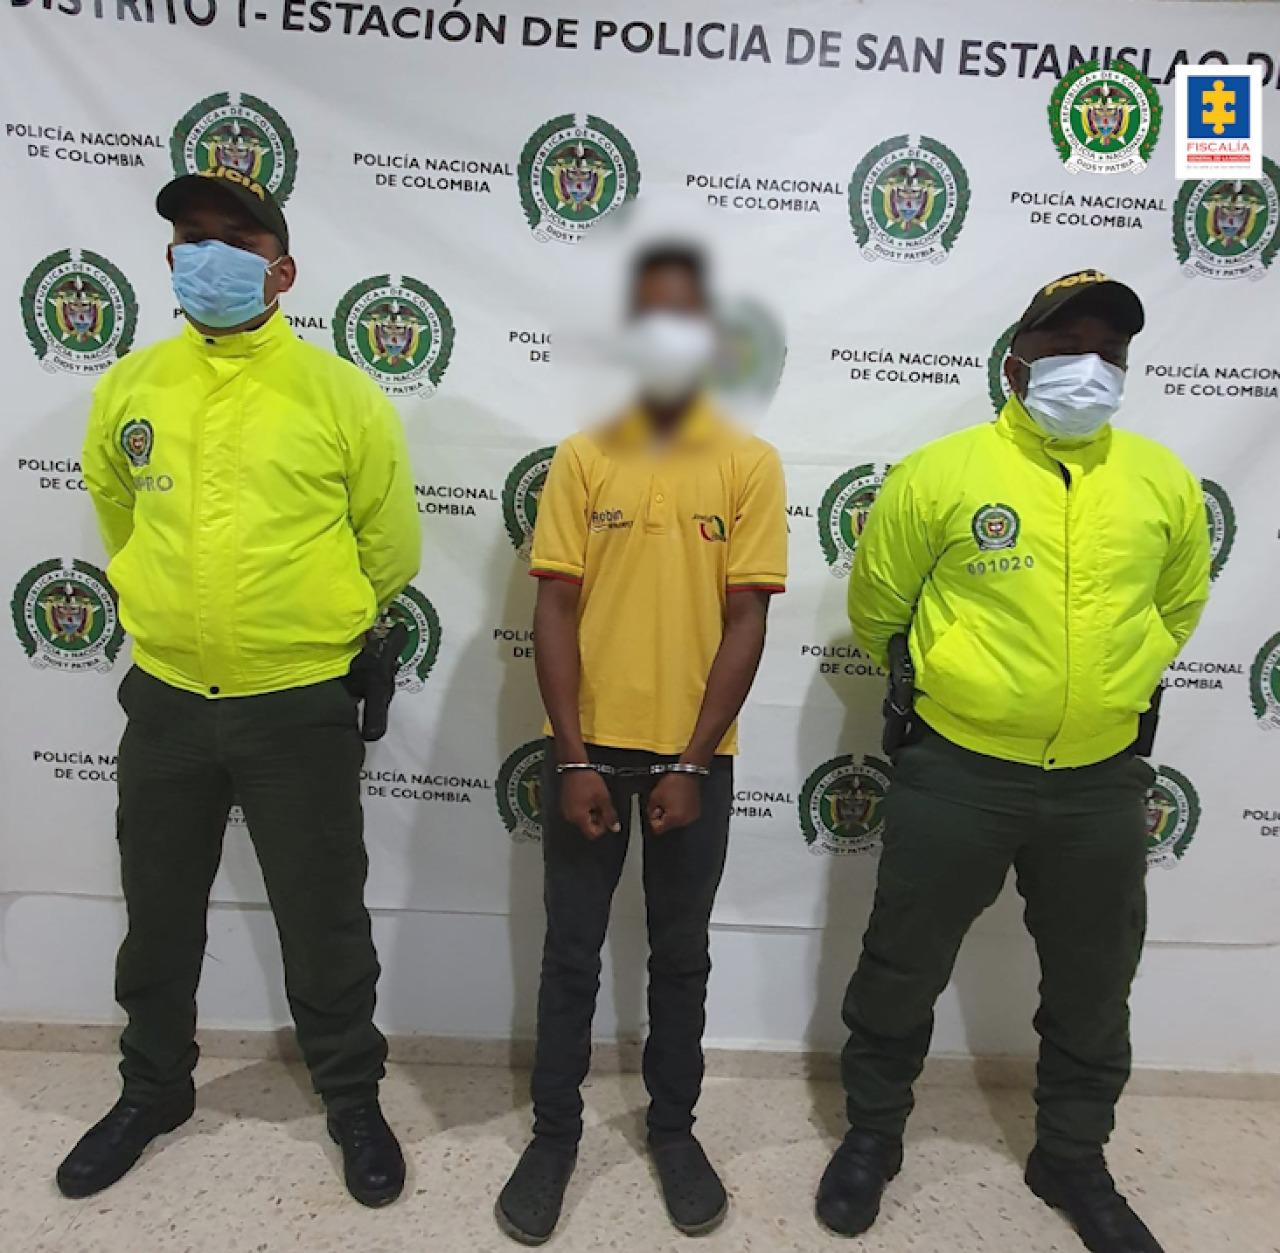 Cárcel para joven que presuntamente abusaba de su hermana menor de edad - Noticias de Colombia